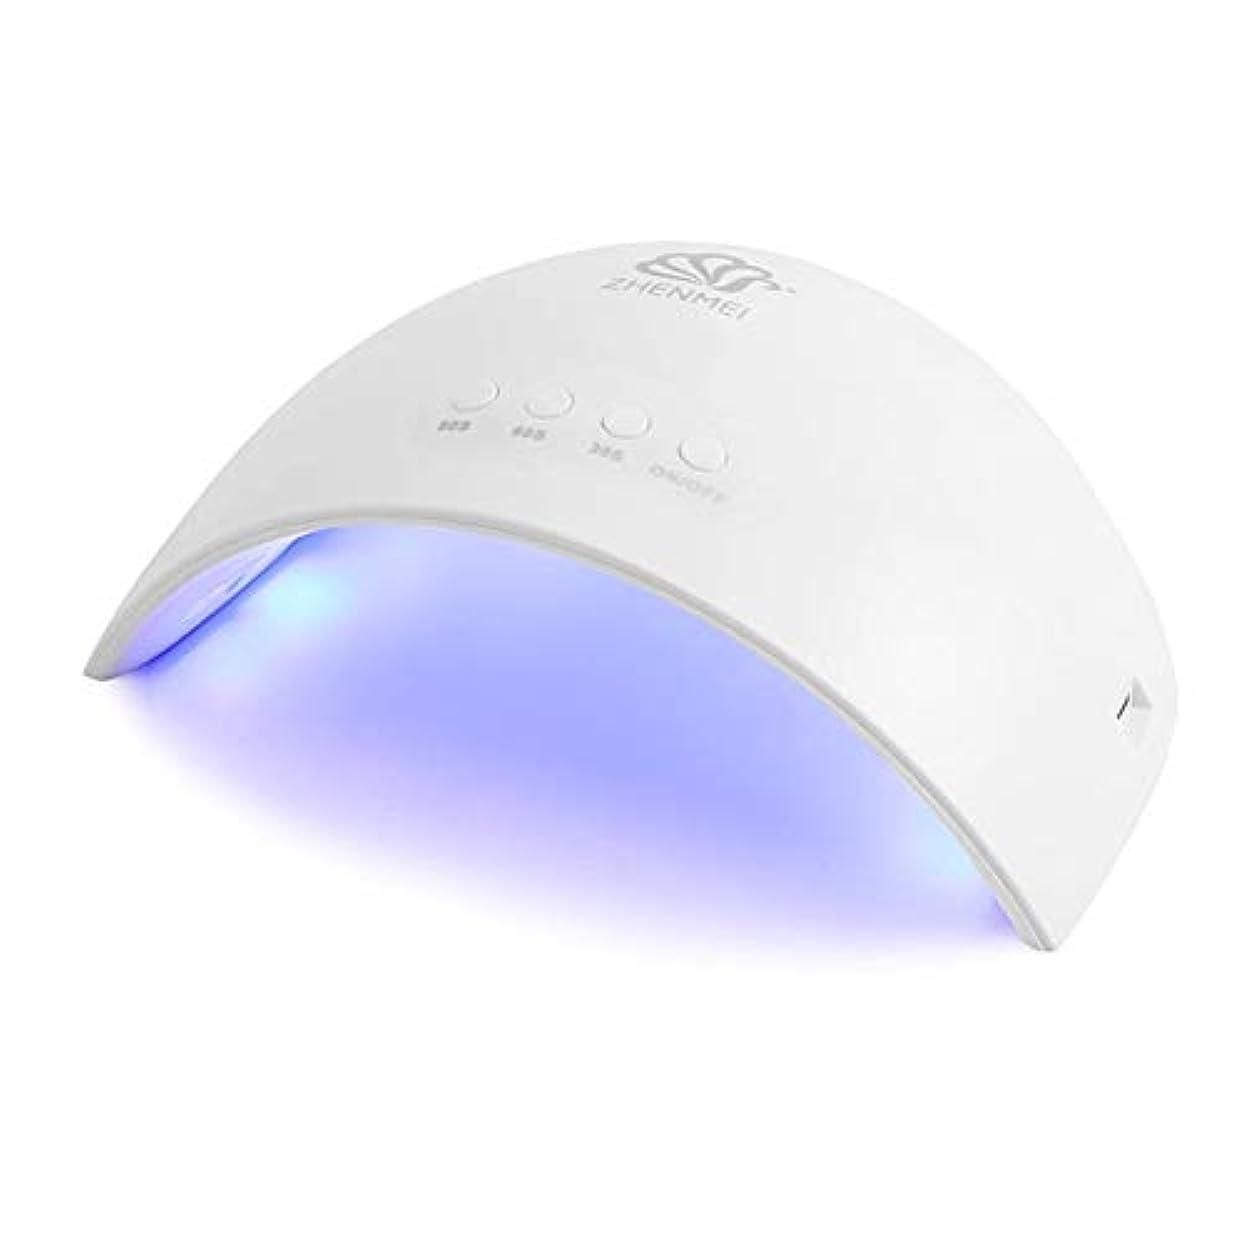 うまれた敬意予算Cheiss UVライト LEDネイルドライヤー ジェルネイルLEDライト 硬化ライト タイマーマニキュア乾燥ツール 爪&足首用 設定可能 折りたたみ 人感センサー式